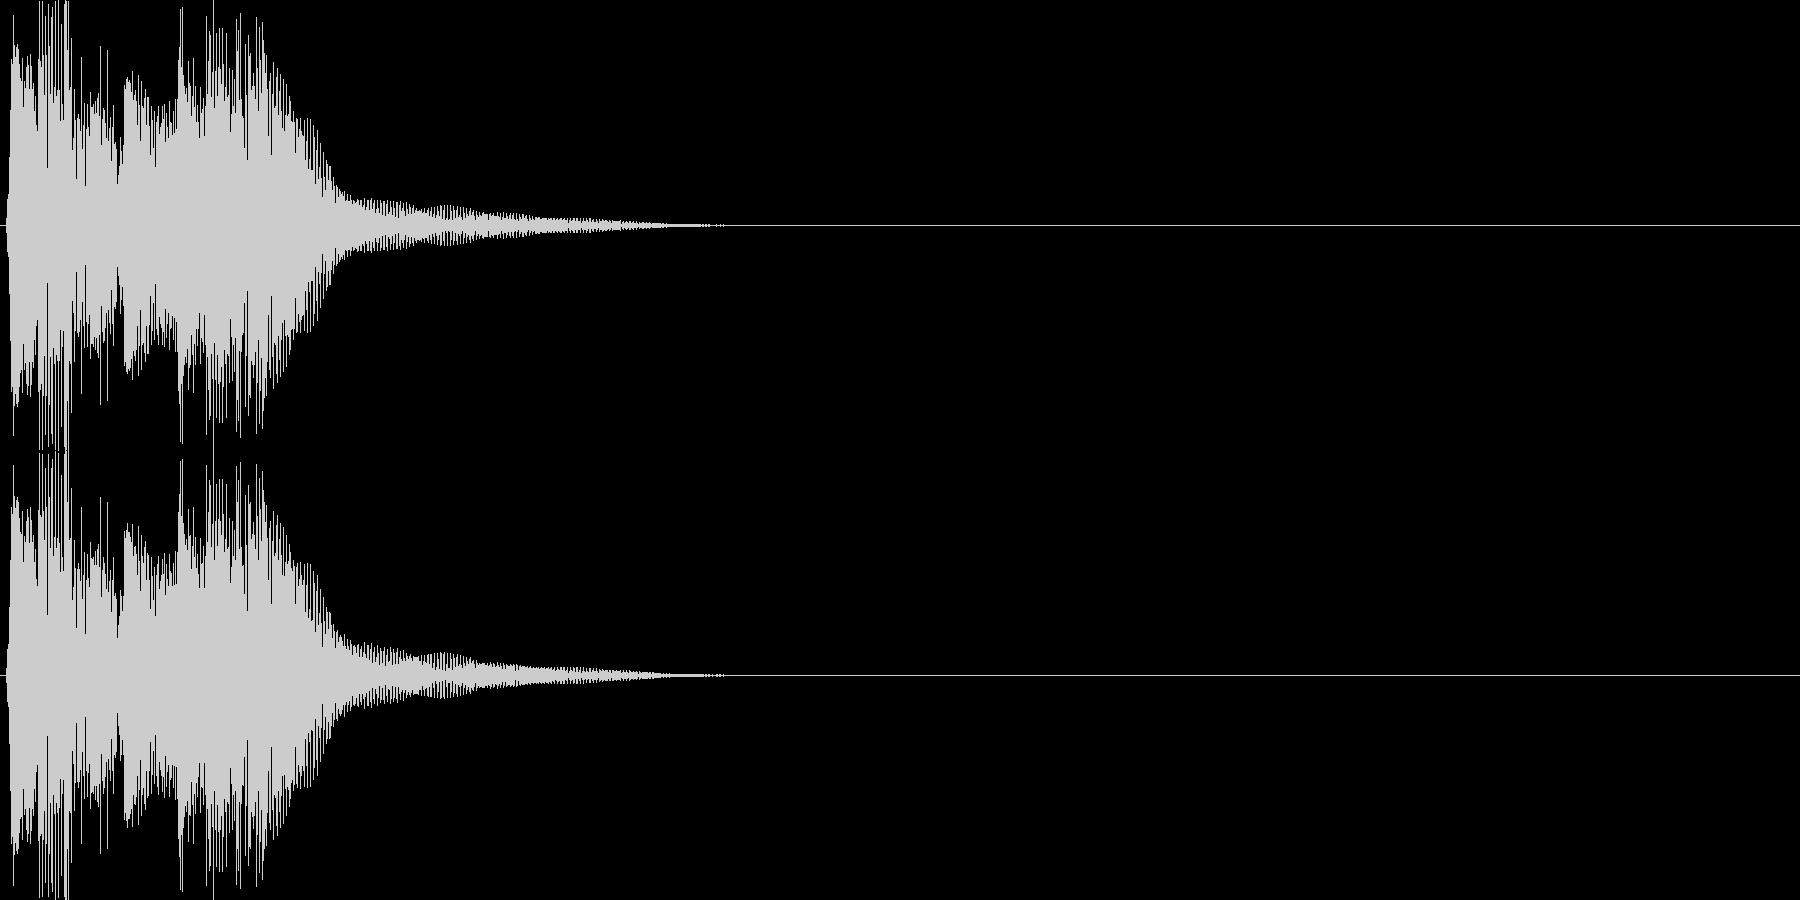 決定・空気感・キャッチー・印象的21の未再生の波形